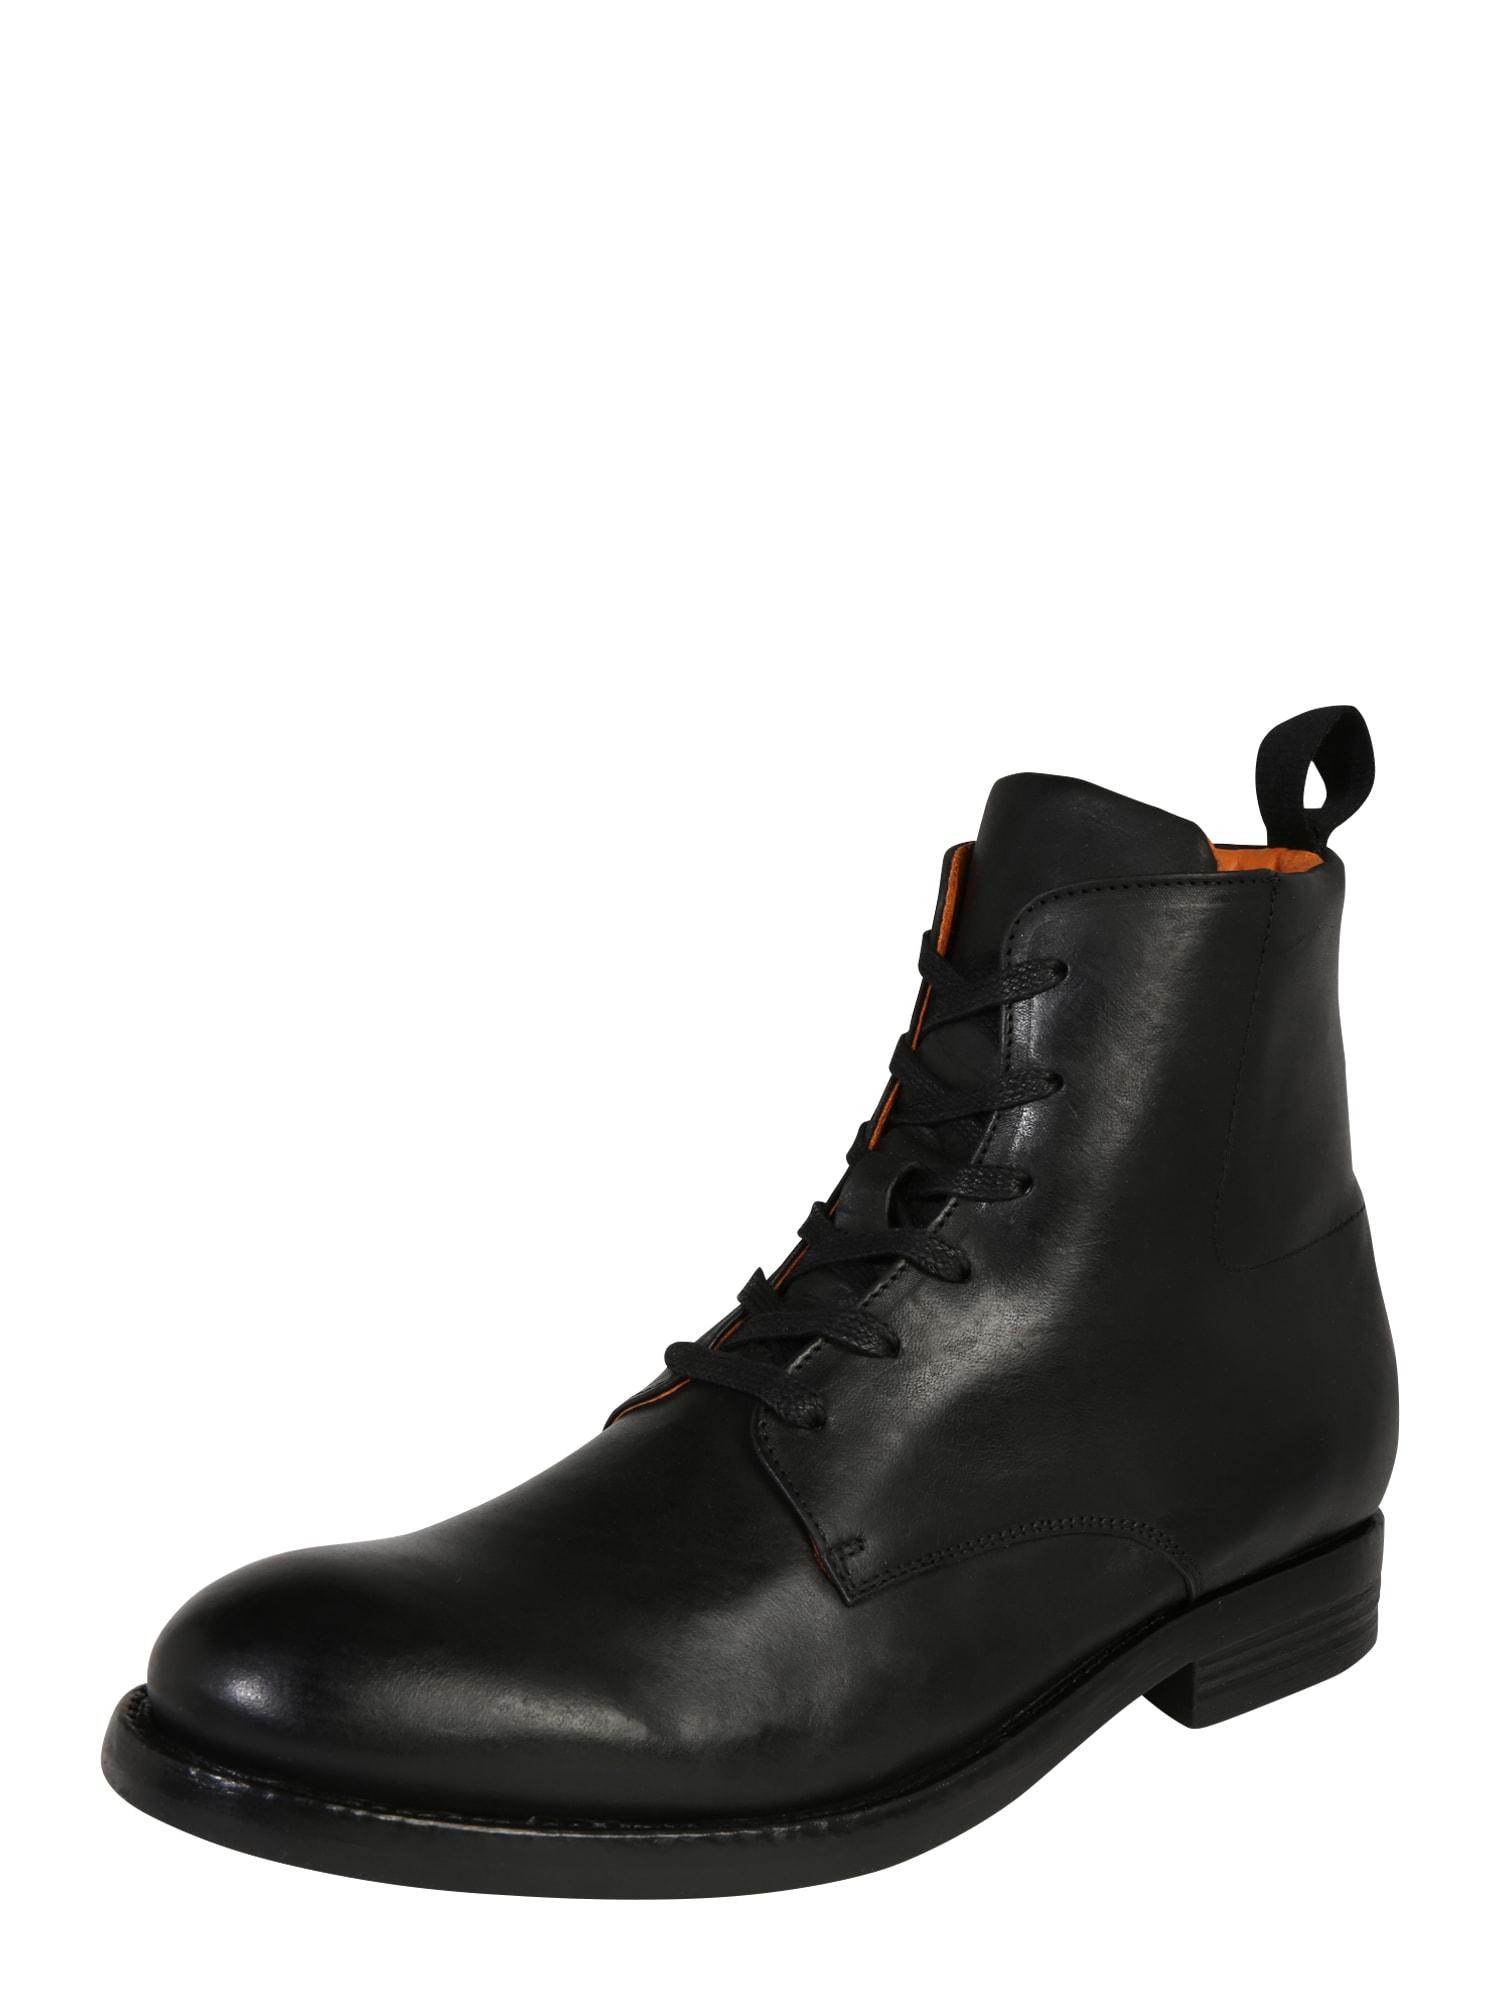 Šněrovací boty ACE černá Bianco